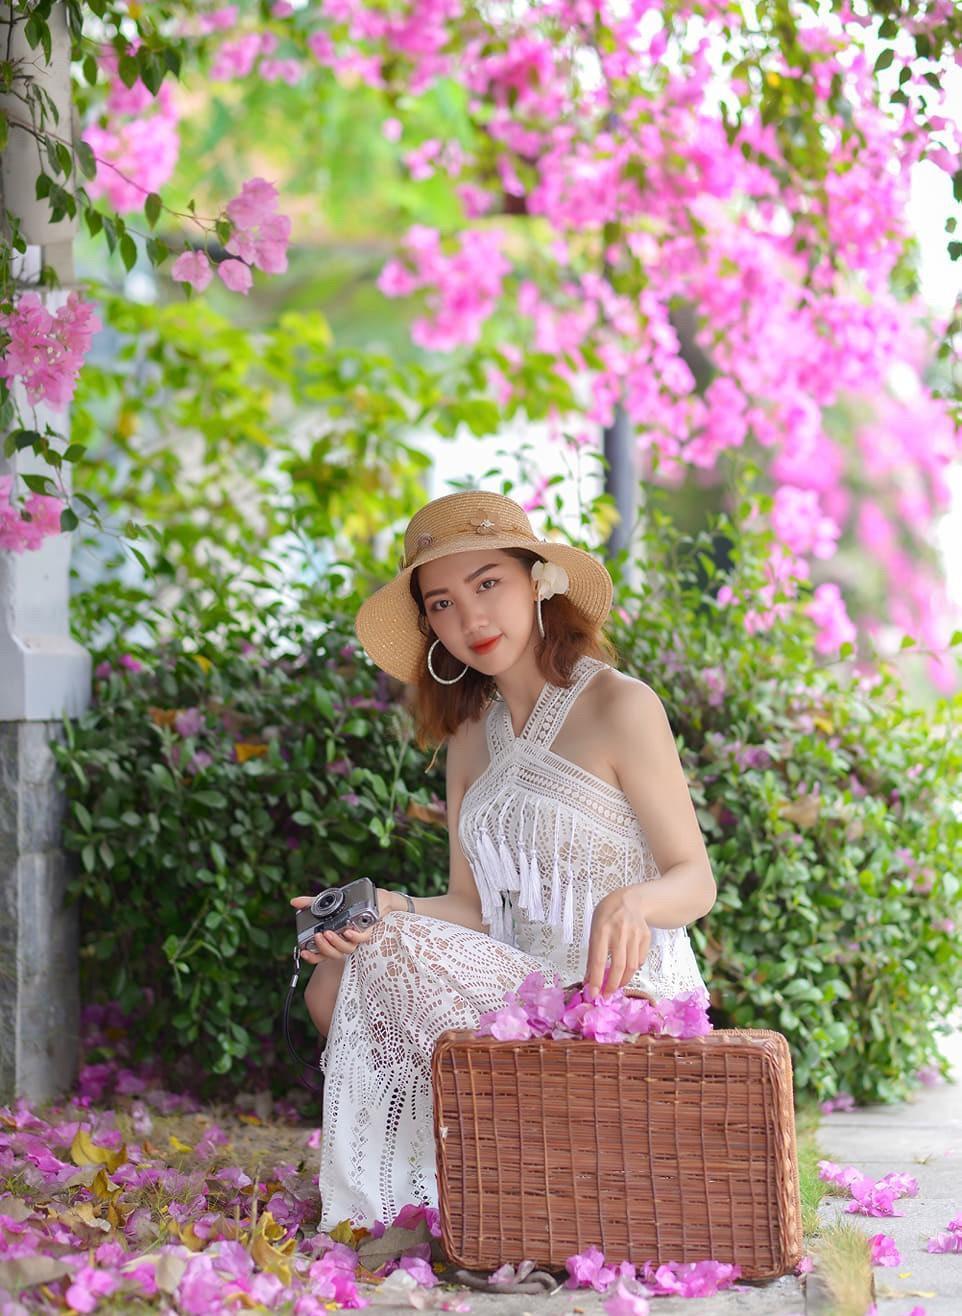 Hoa giấy khoe sắc trên góc phố Sài thành Ảnh 4